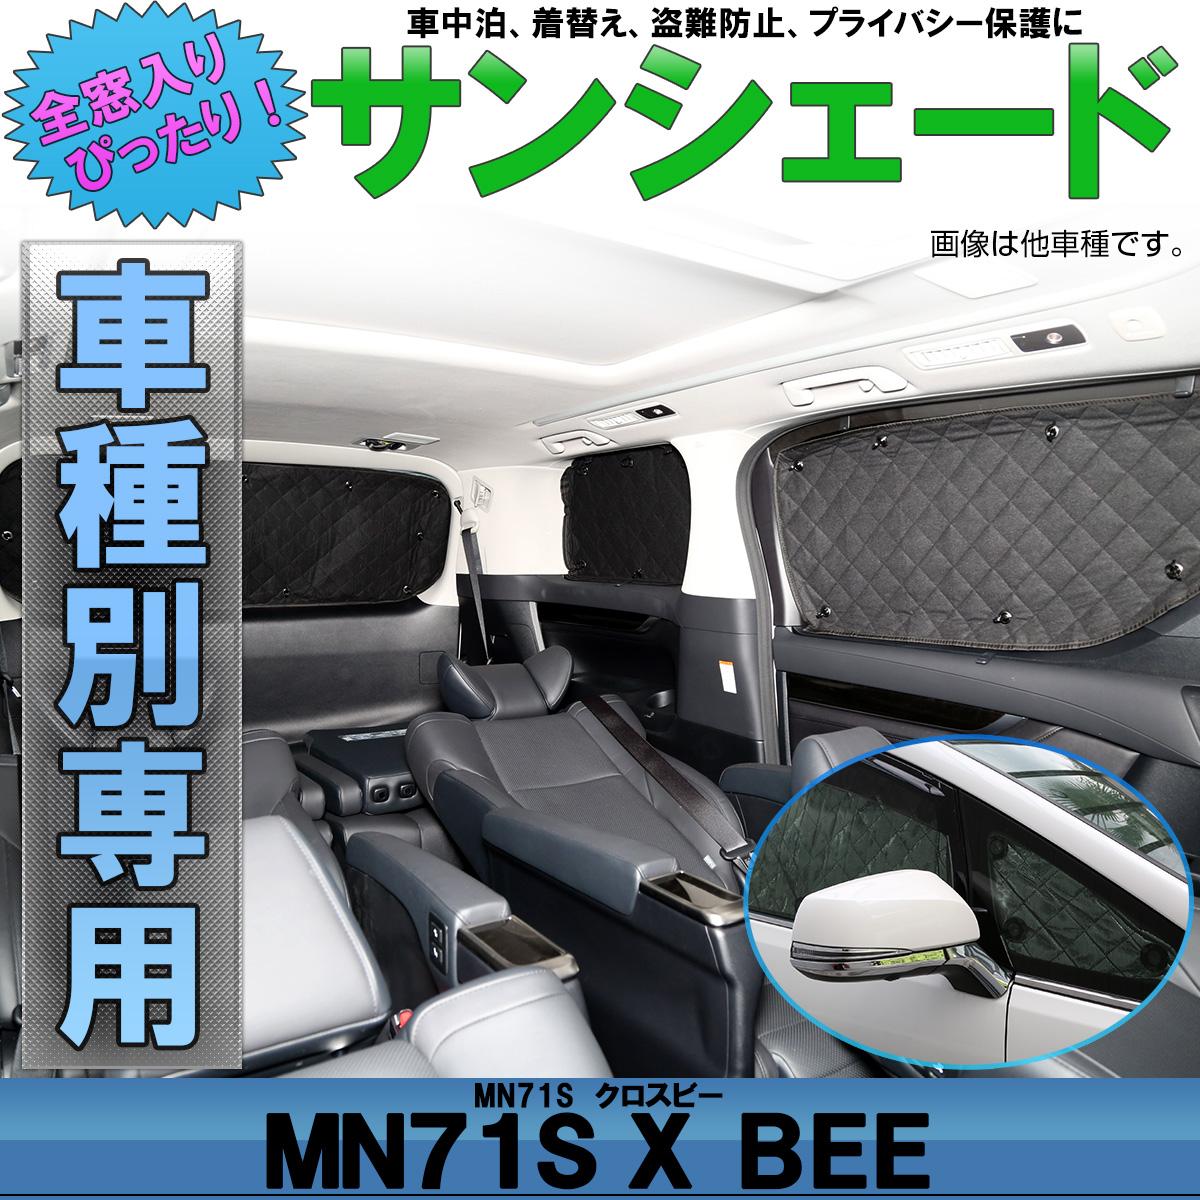 サンシェード MN71S  クロスビー X BEE  専用設計 全窓用 8枚セット 5層構造 ブラックメッシュ 車中泊にも S-834